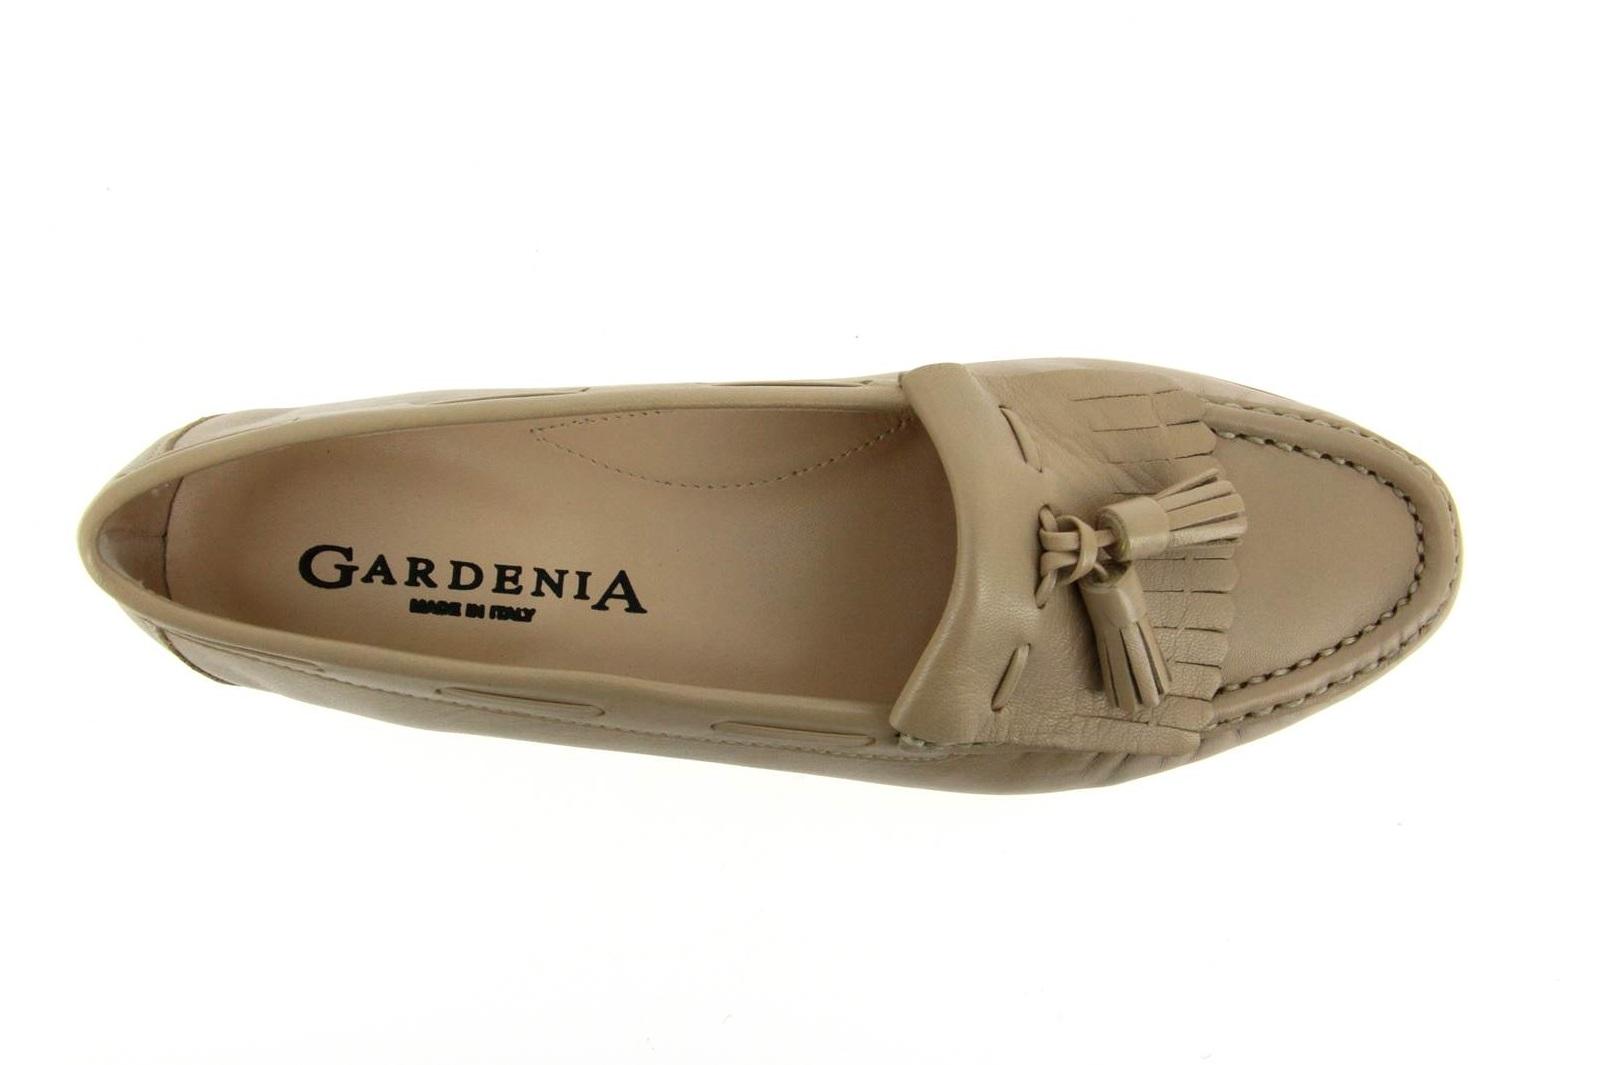 Gardenia moccasin NAPPA MALTO